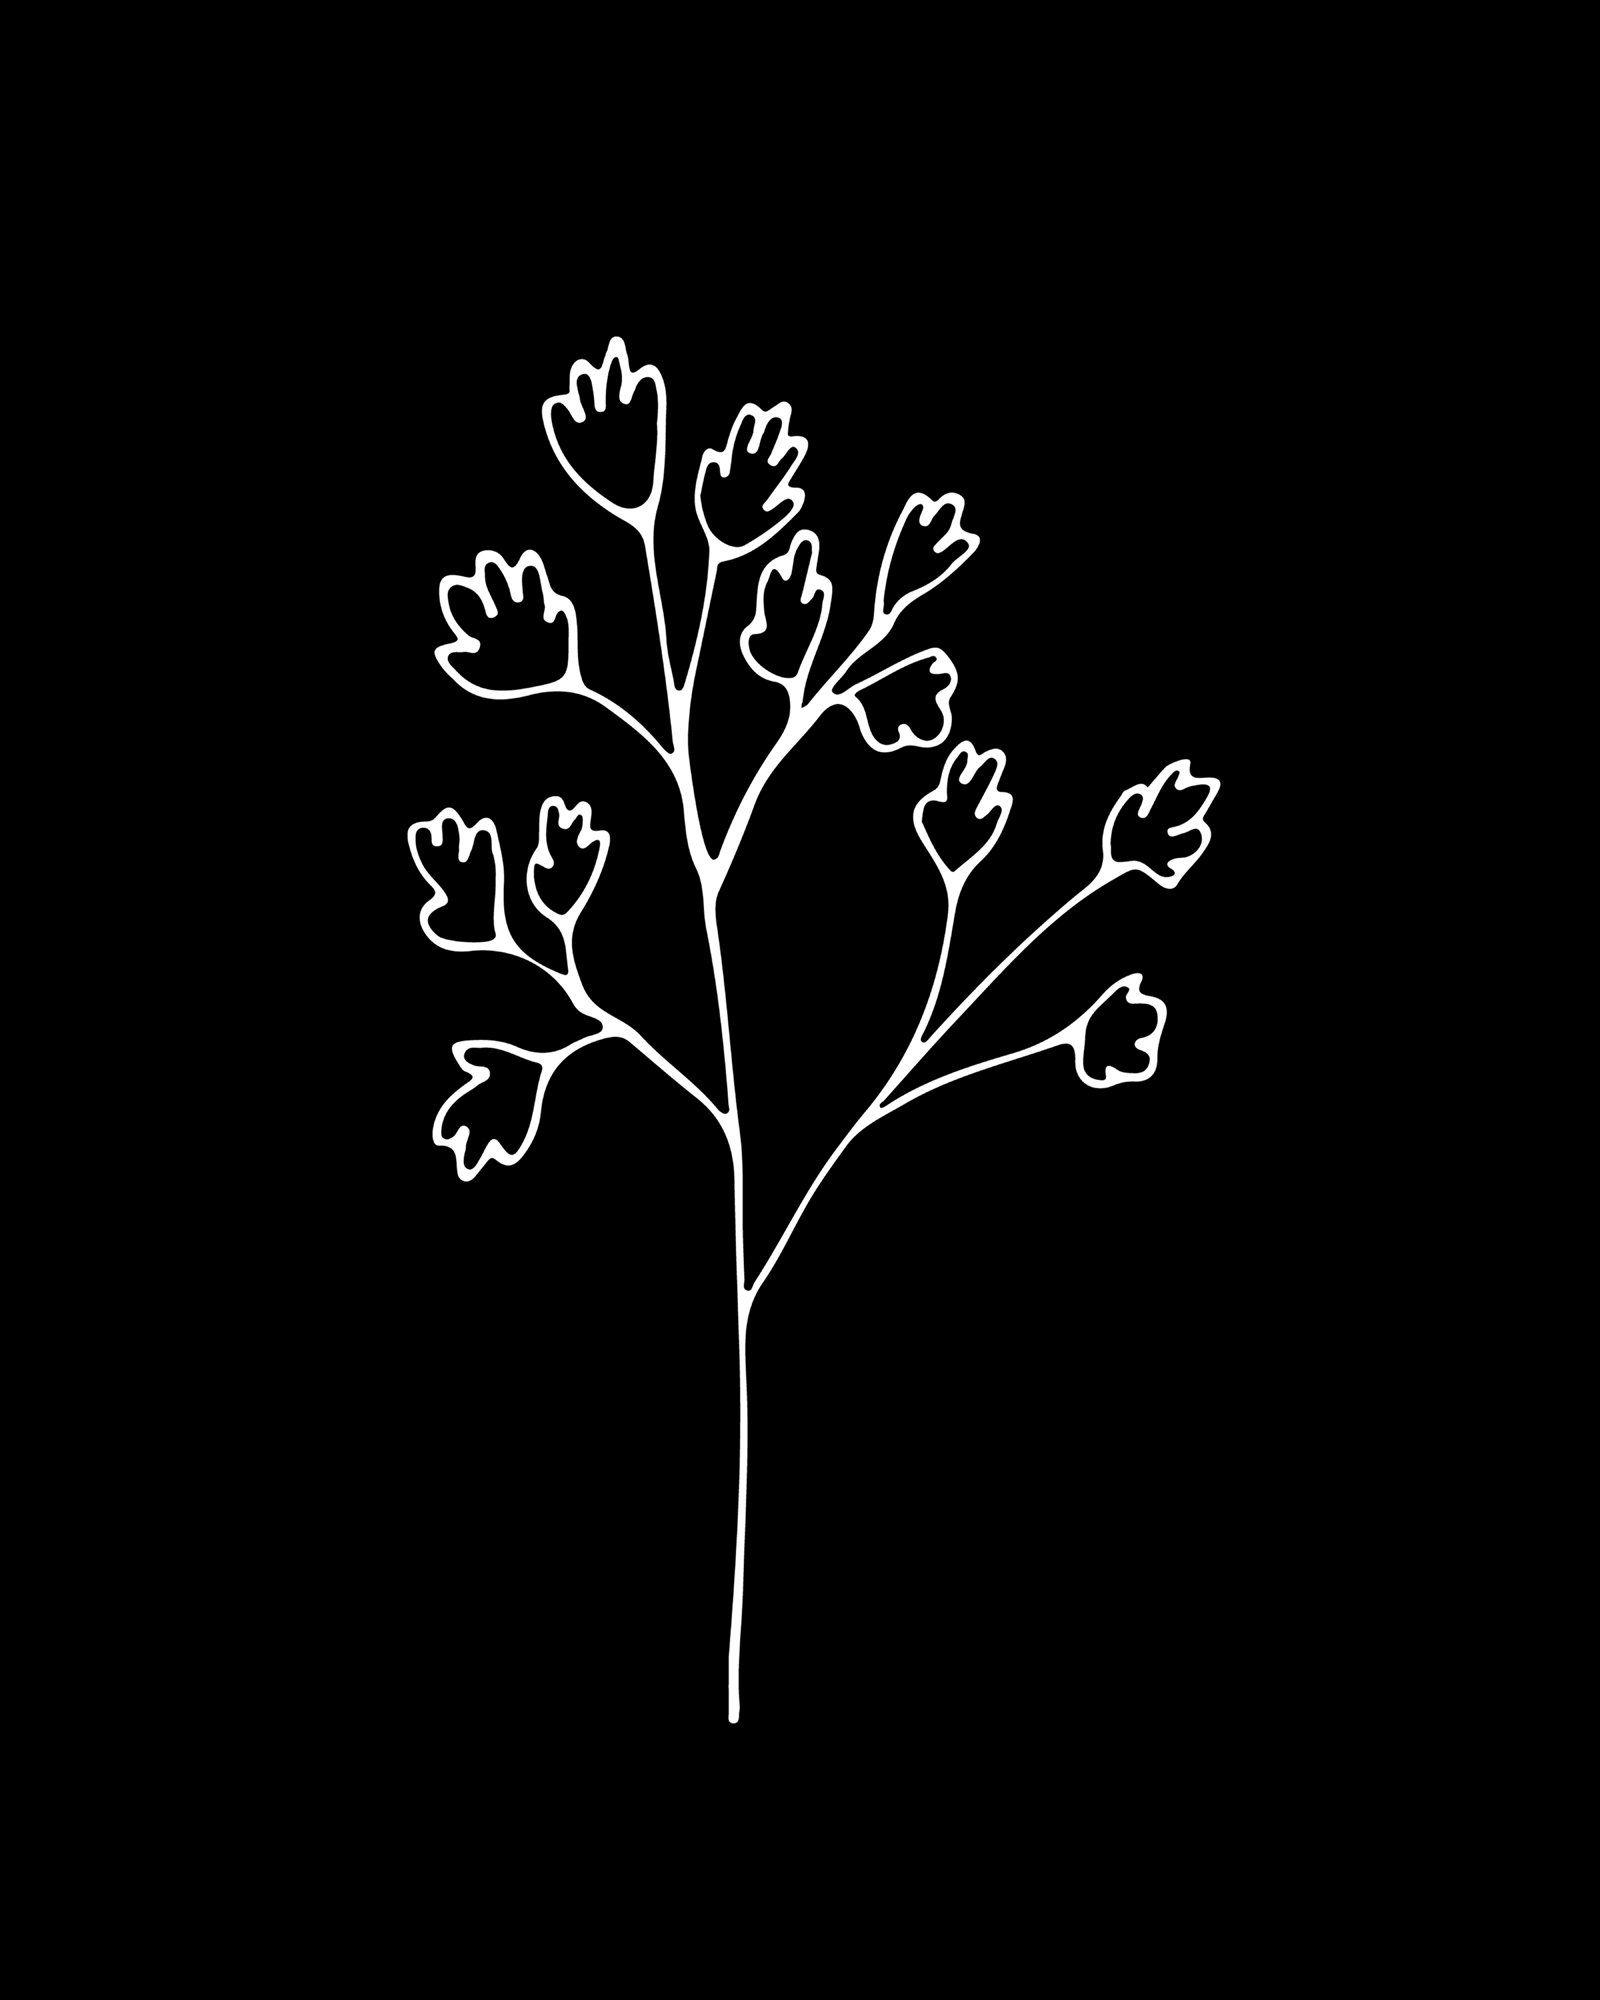 Flower 8 - black